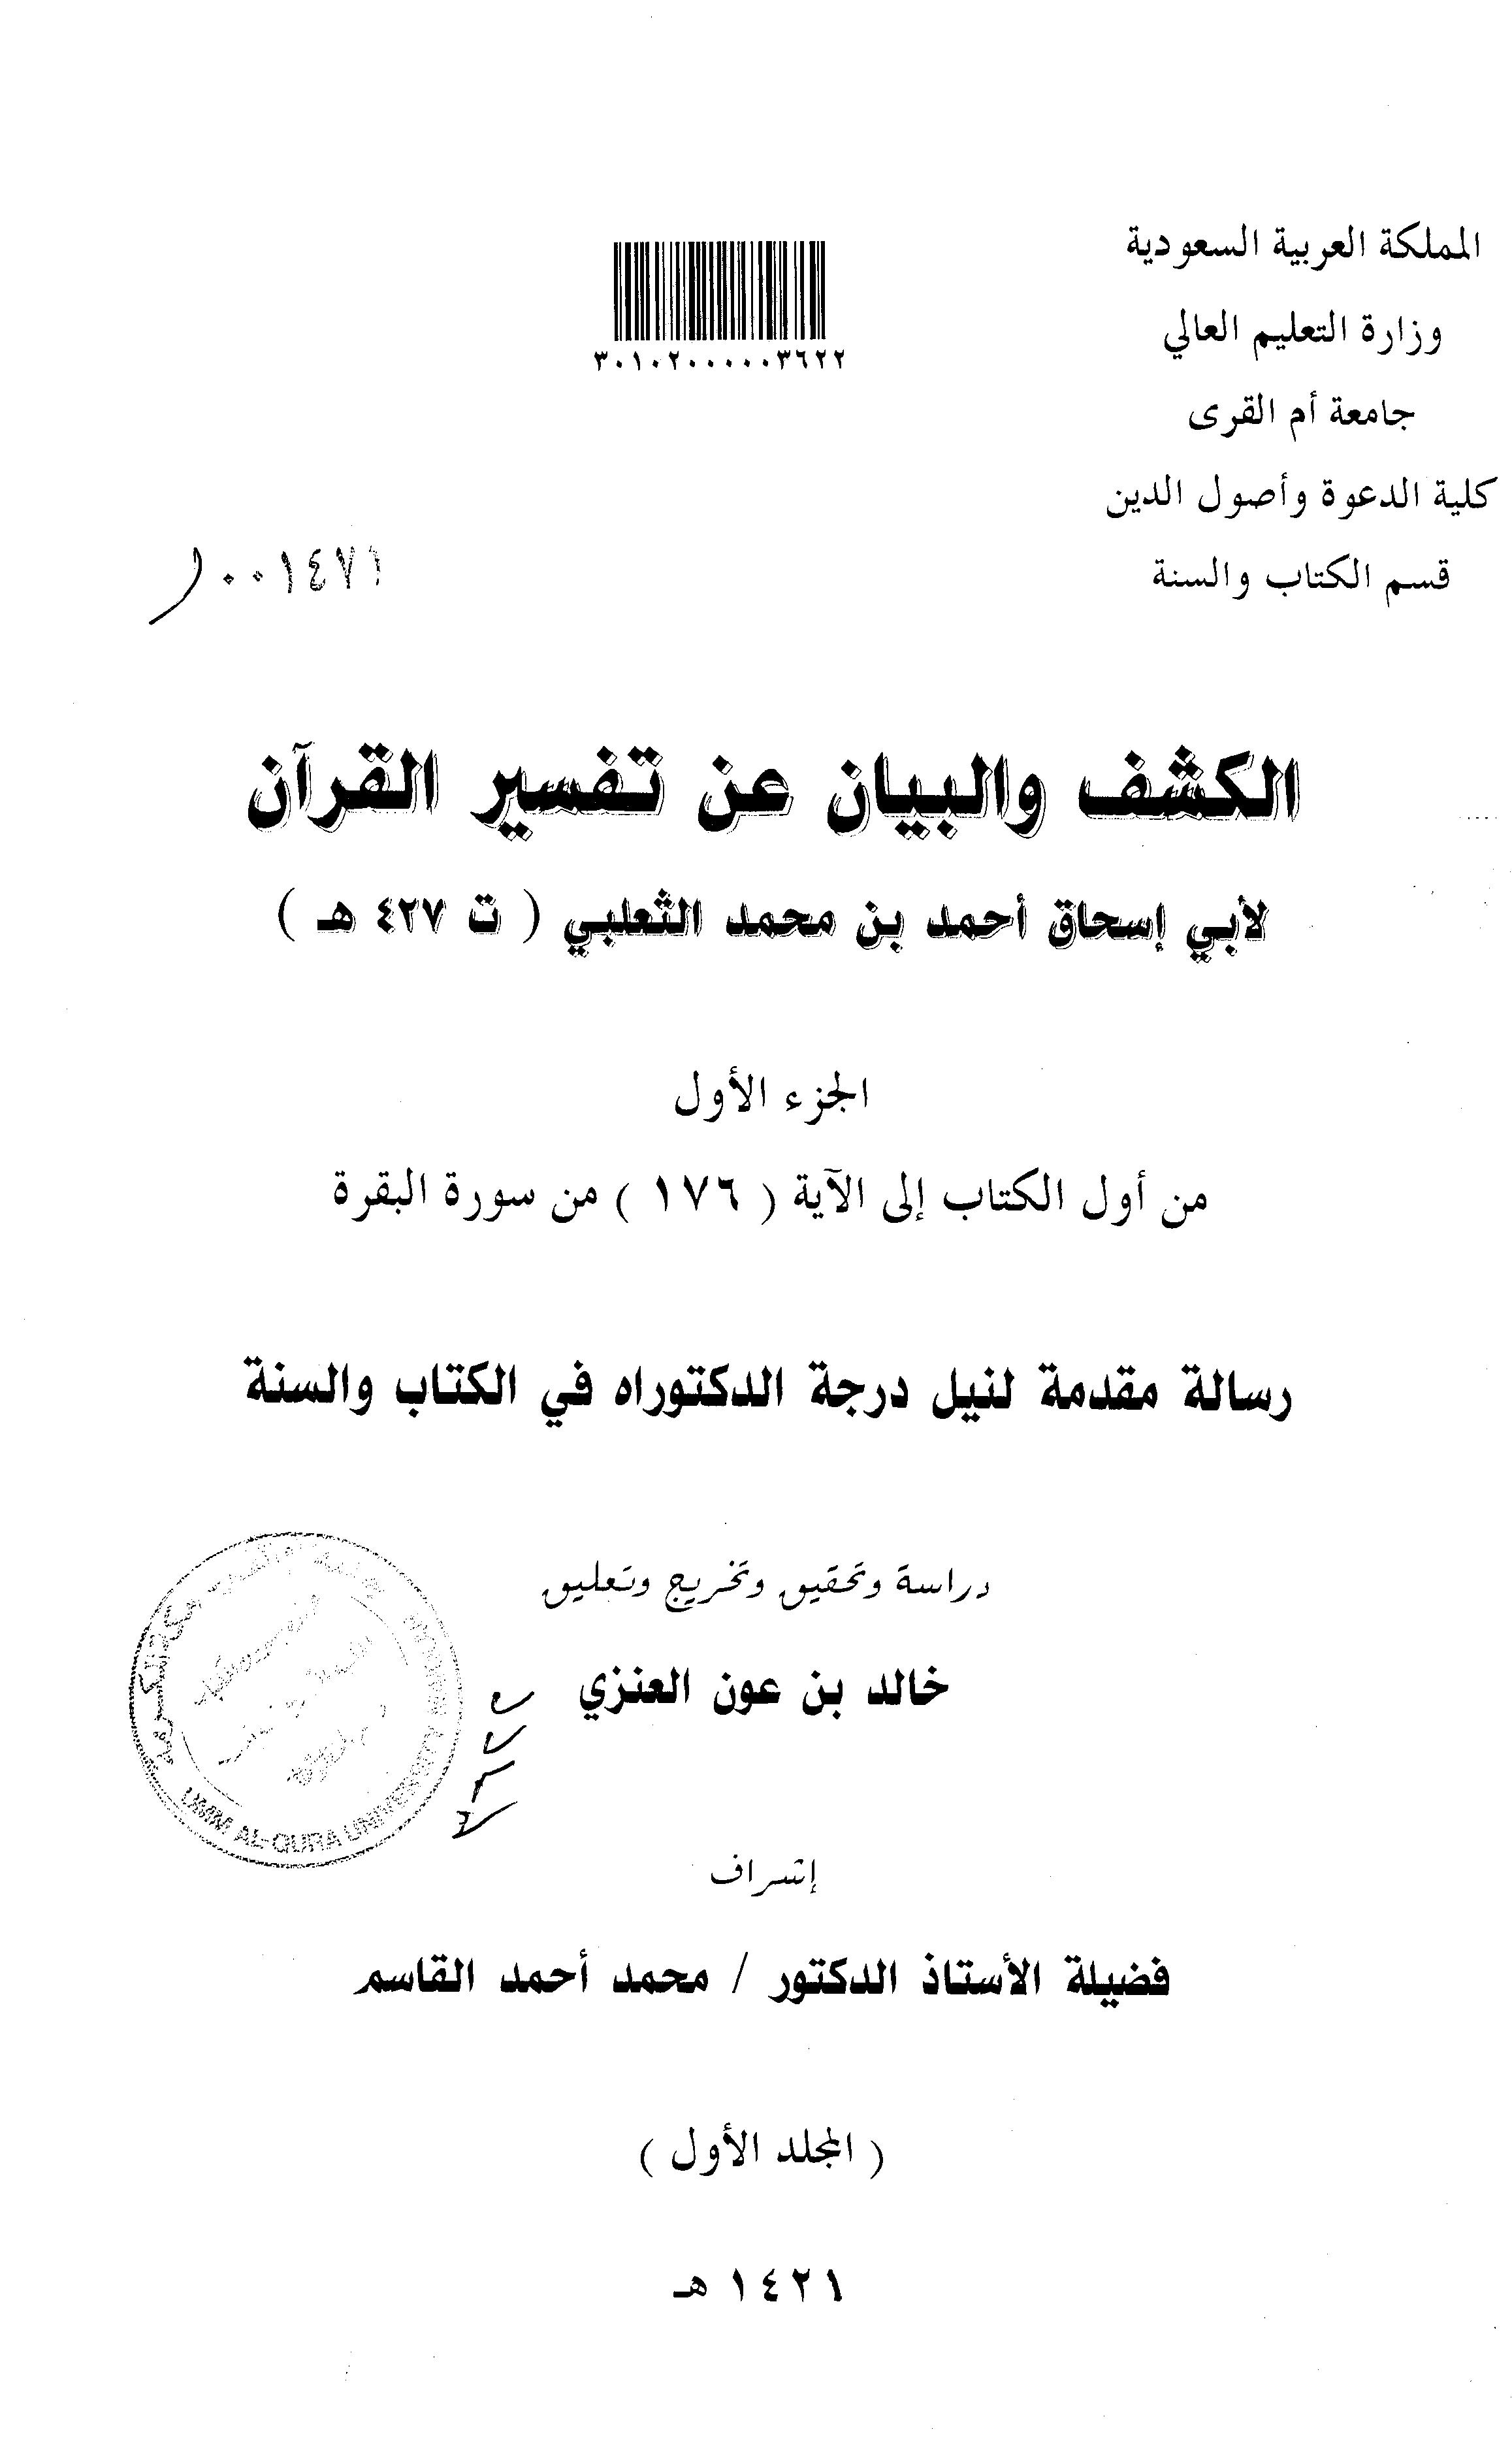 تحميل كتاب الكشف والبيان عن تفسير القرآن (من أول الكتاب إلى الآية 176 من سورة البقرة) لـِ: الإمام أبو إسحاق أحمد بن محمد بن إبراهيم الثعلبي النيسابوري (ت 427)